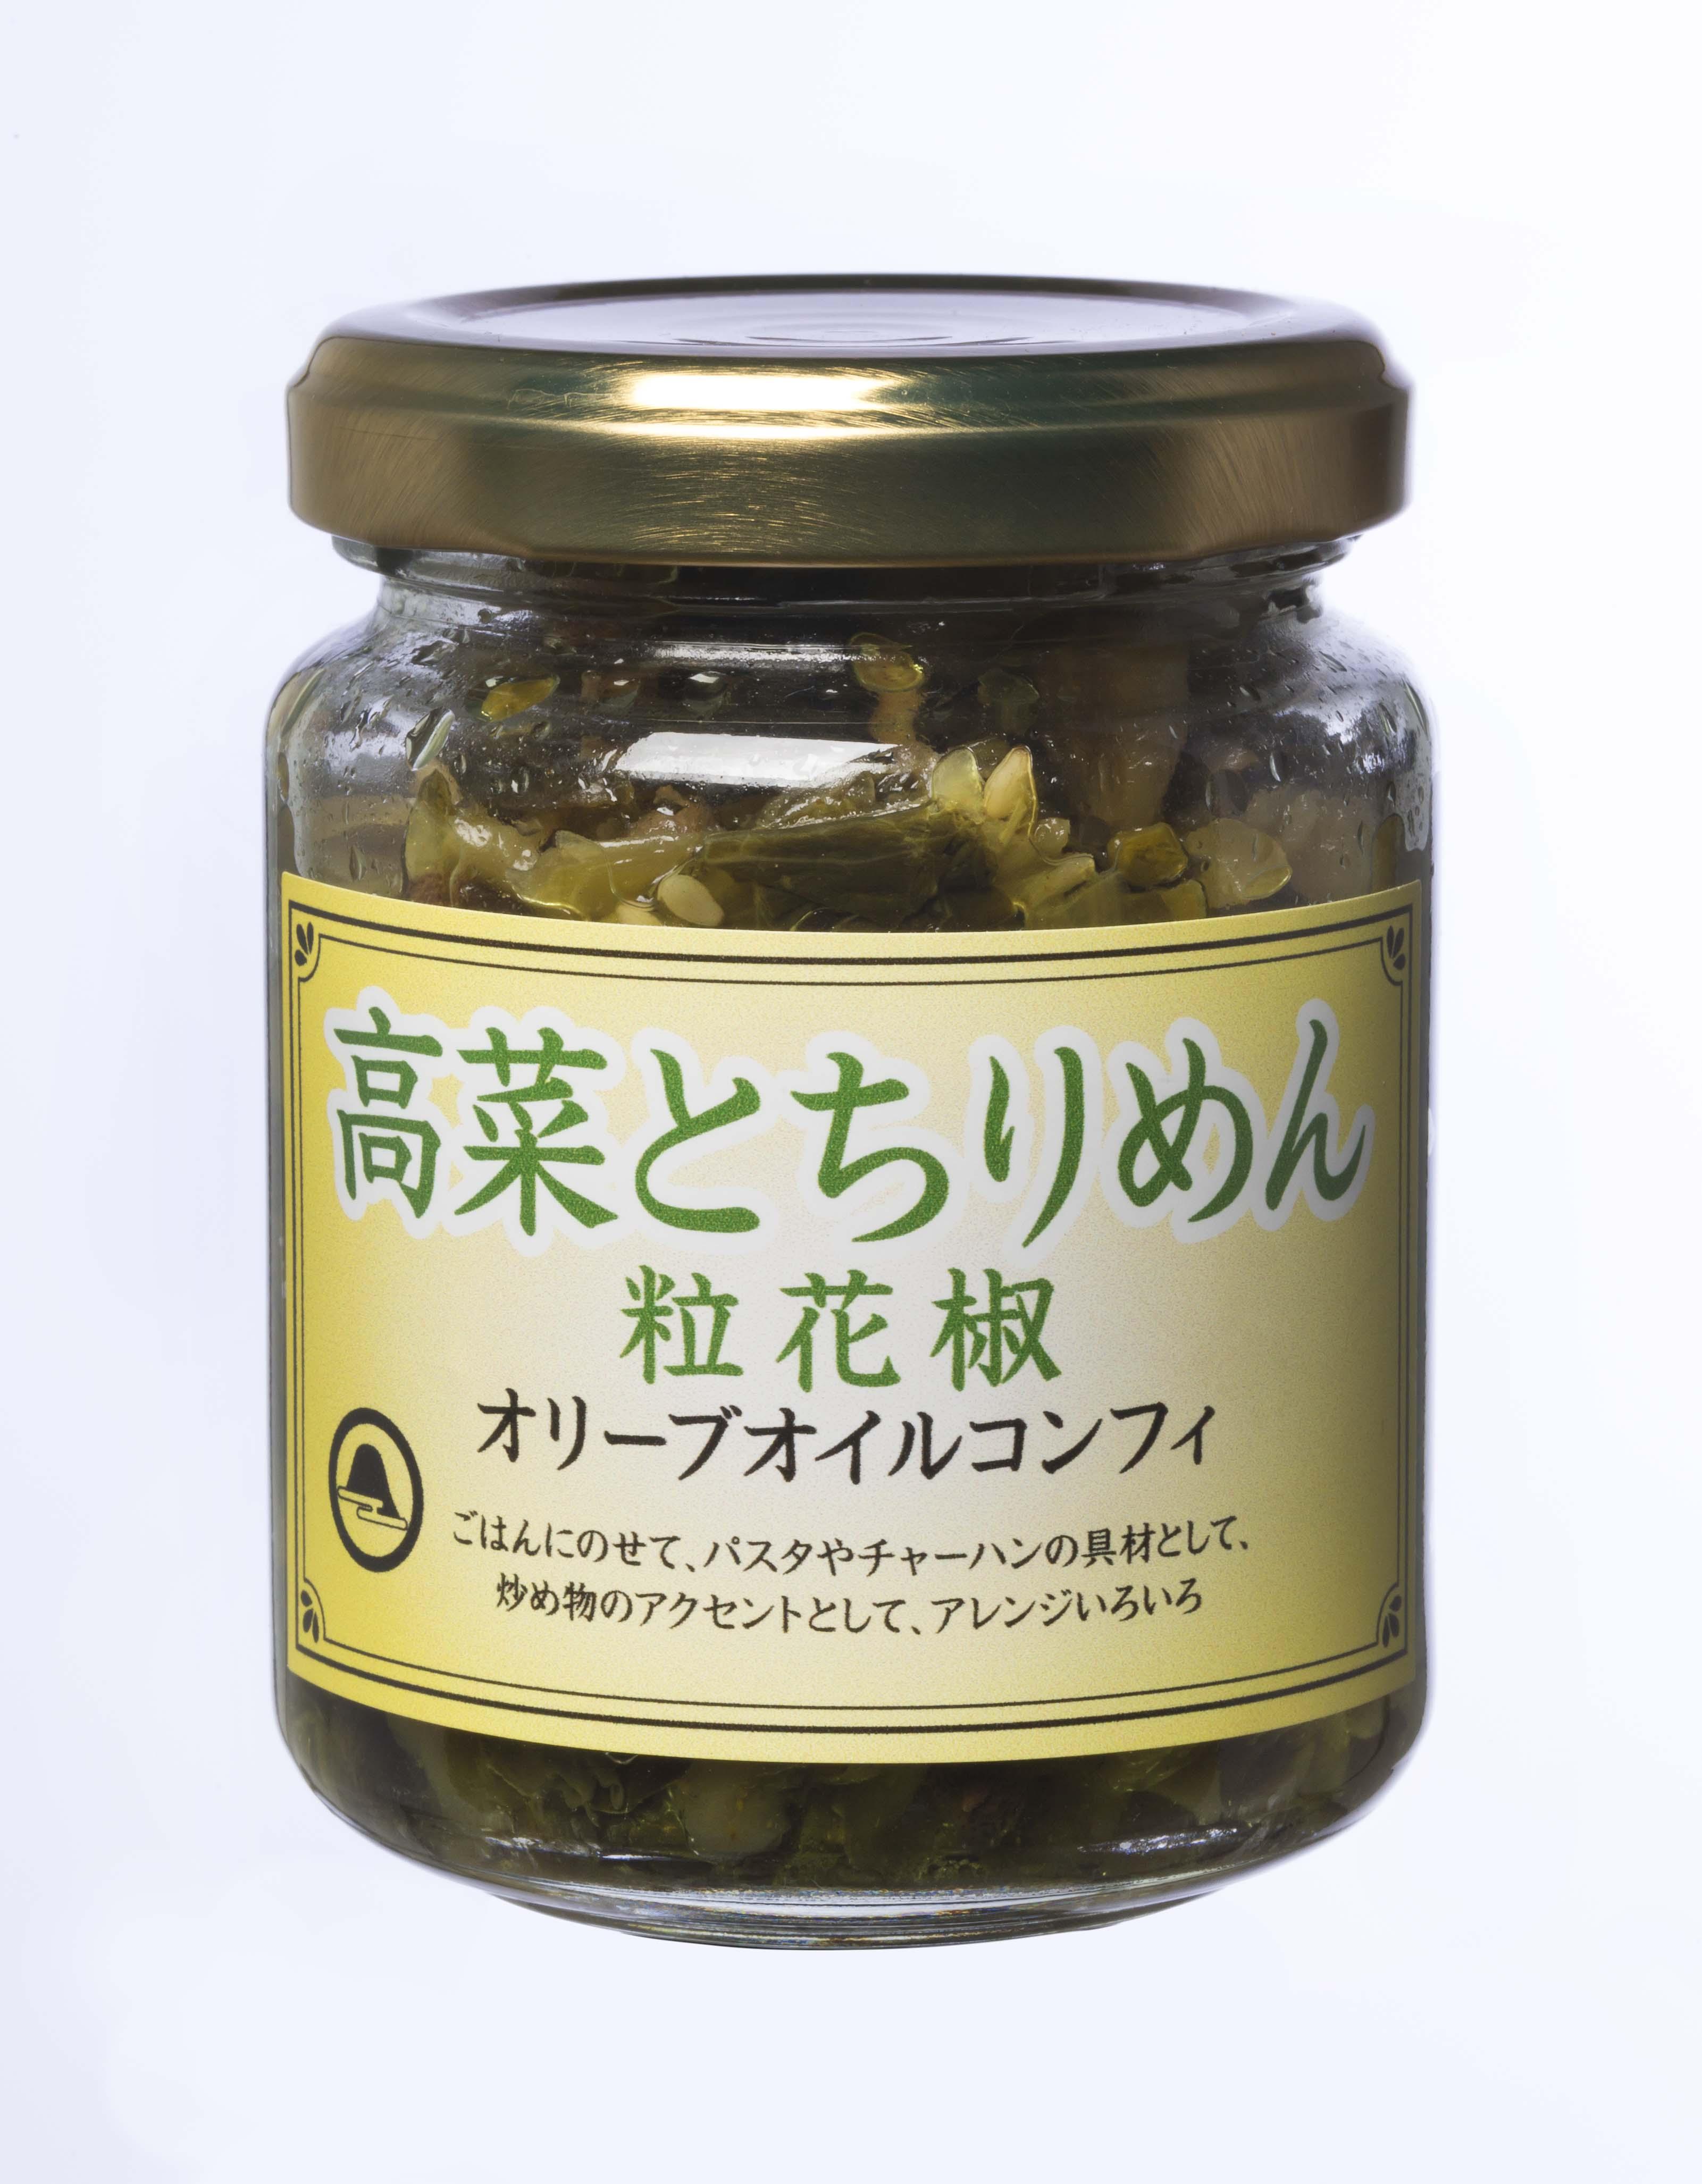 高菜とちりめん粒花椒・オリーブオイルコンフィ